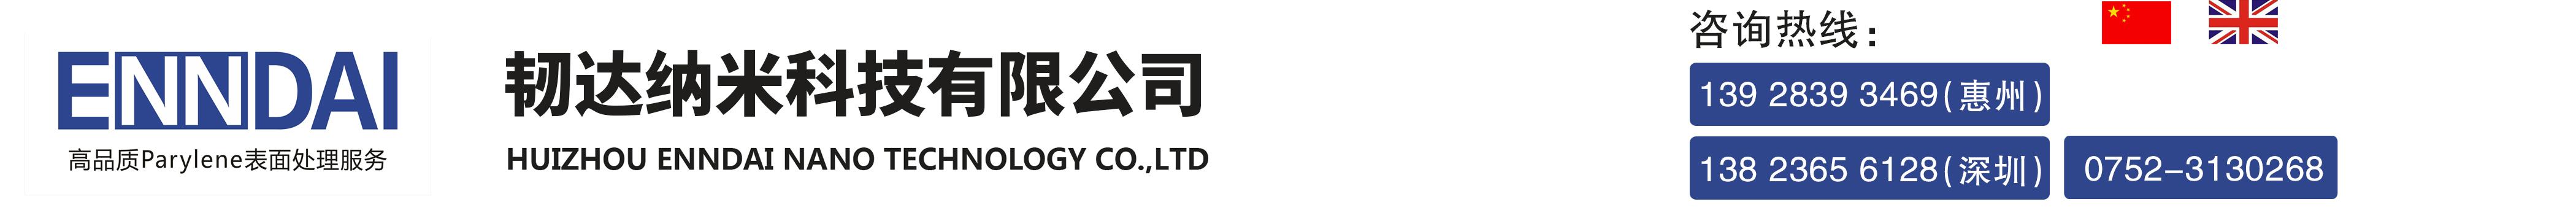 惠州韌達納米科技有限公司